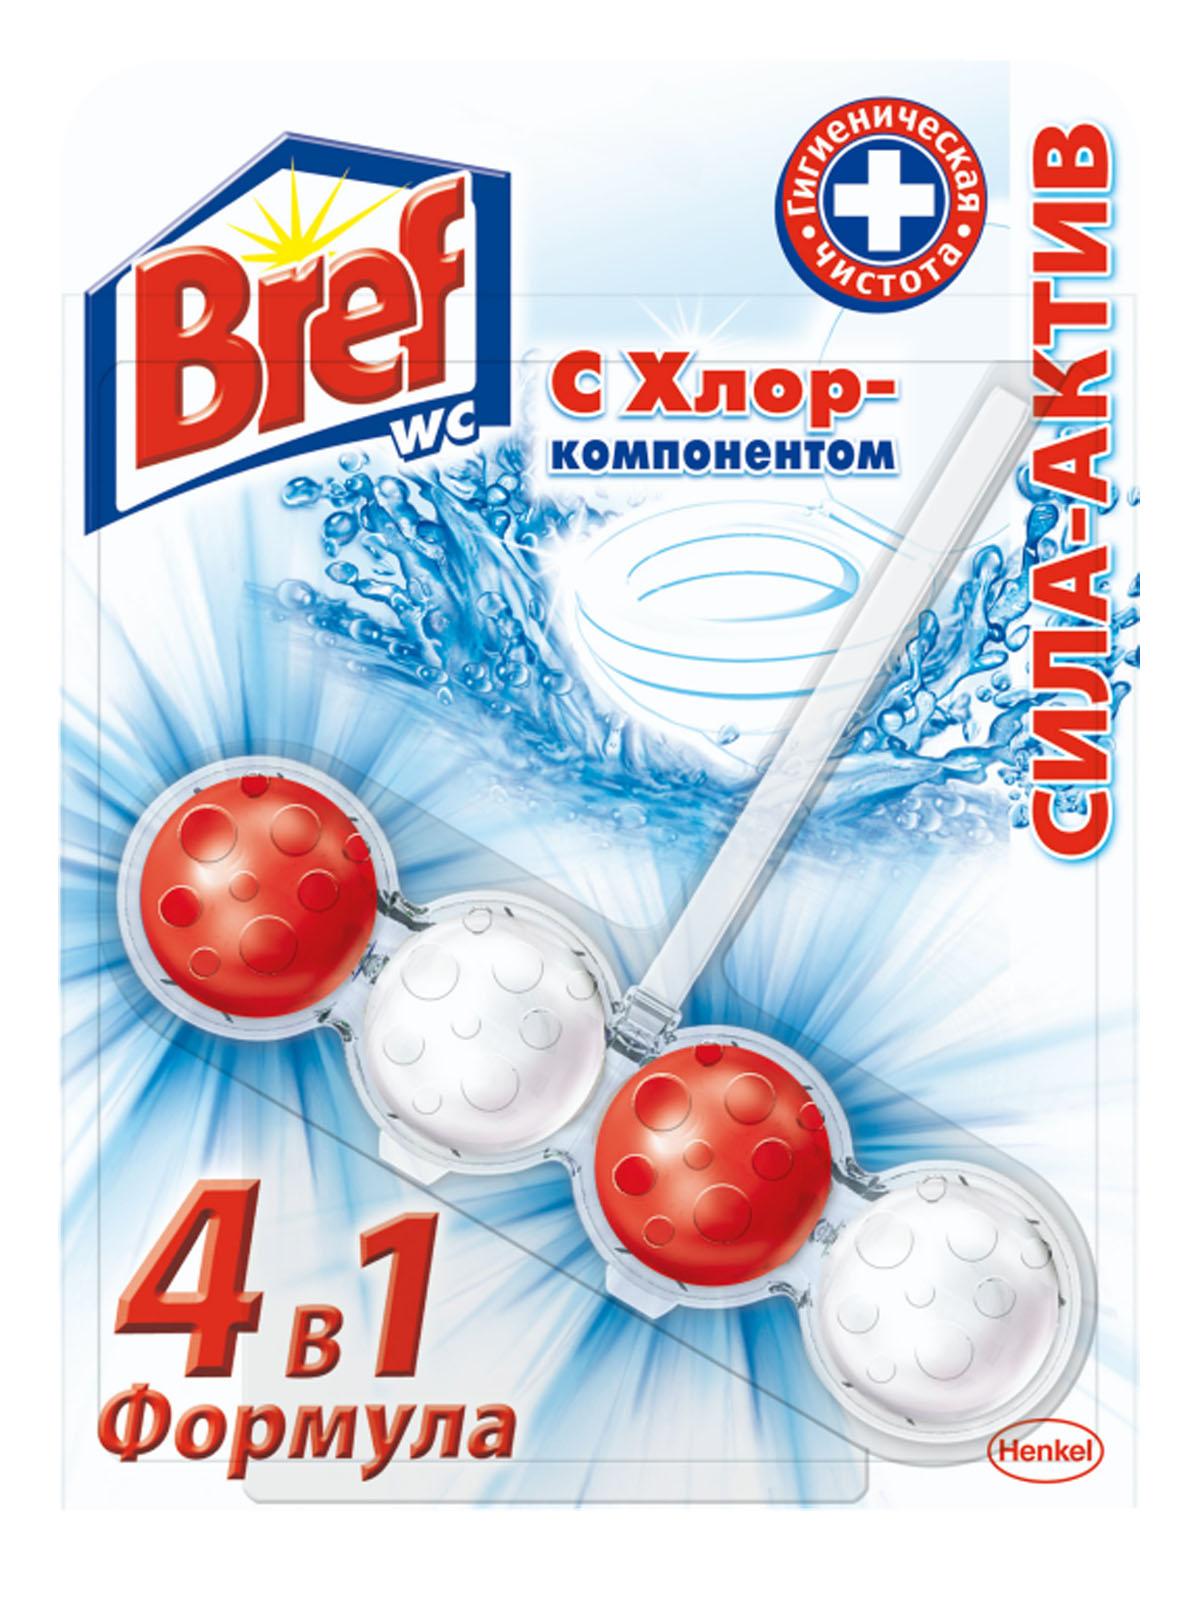 Чистящее средство для унитаза Bref Сила-Актив, 51 г910341Чистящее средство для унитаза Bref Сила-Актив имеет мощную формулу 4 в 1: - пена, - защита от известкового налета, - гигиена, - свежесть. Крепится под ободок унитаза. Обеспечивает свежесть и антибактериальную защиту благодаря хлор-компонентам после каждого смывания. Состав: >30% А-ПАВ, 5-15% Н-ПАВ, отдушка, линалоол, лимонен, цитрат натрия, сульфат натрия, краситель. Товар сертифицирован.